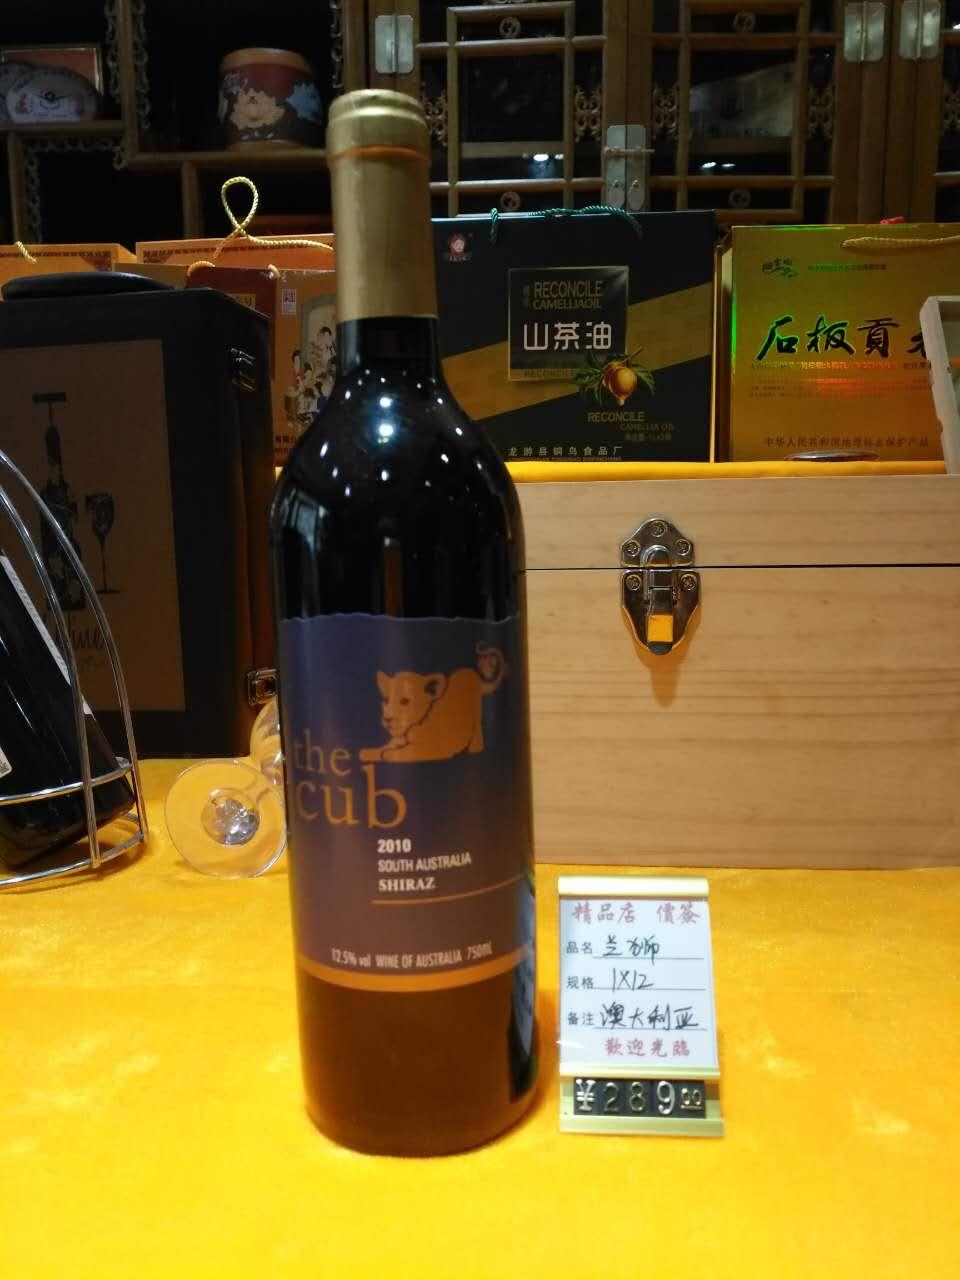 澳洲原装进口红酒批发厂家哪家好澳洲原装进口红酒品牌